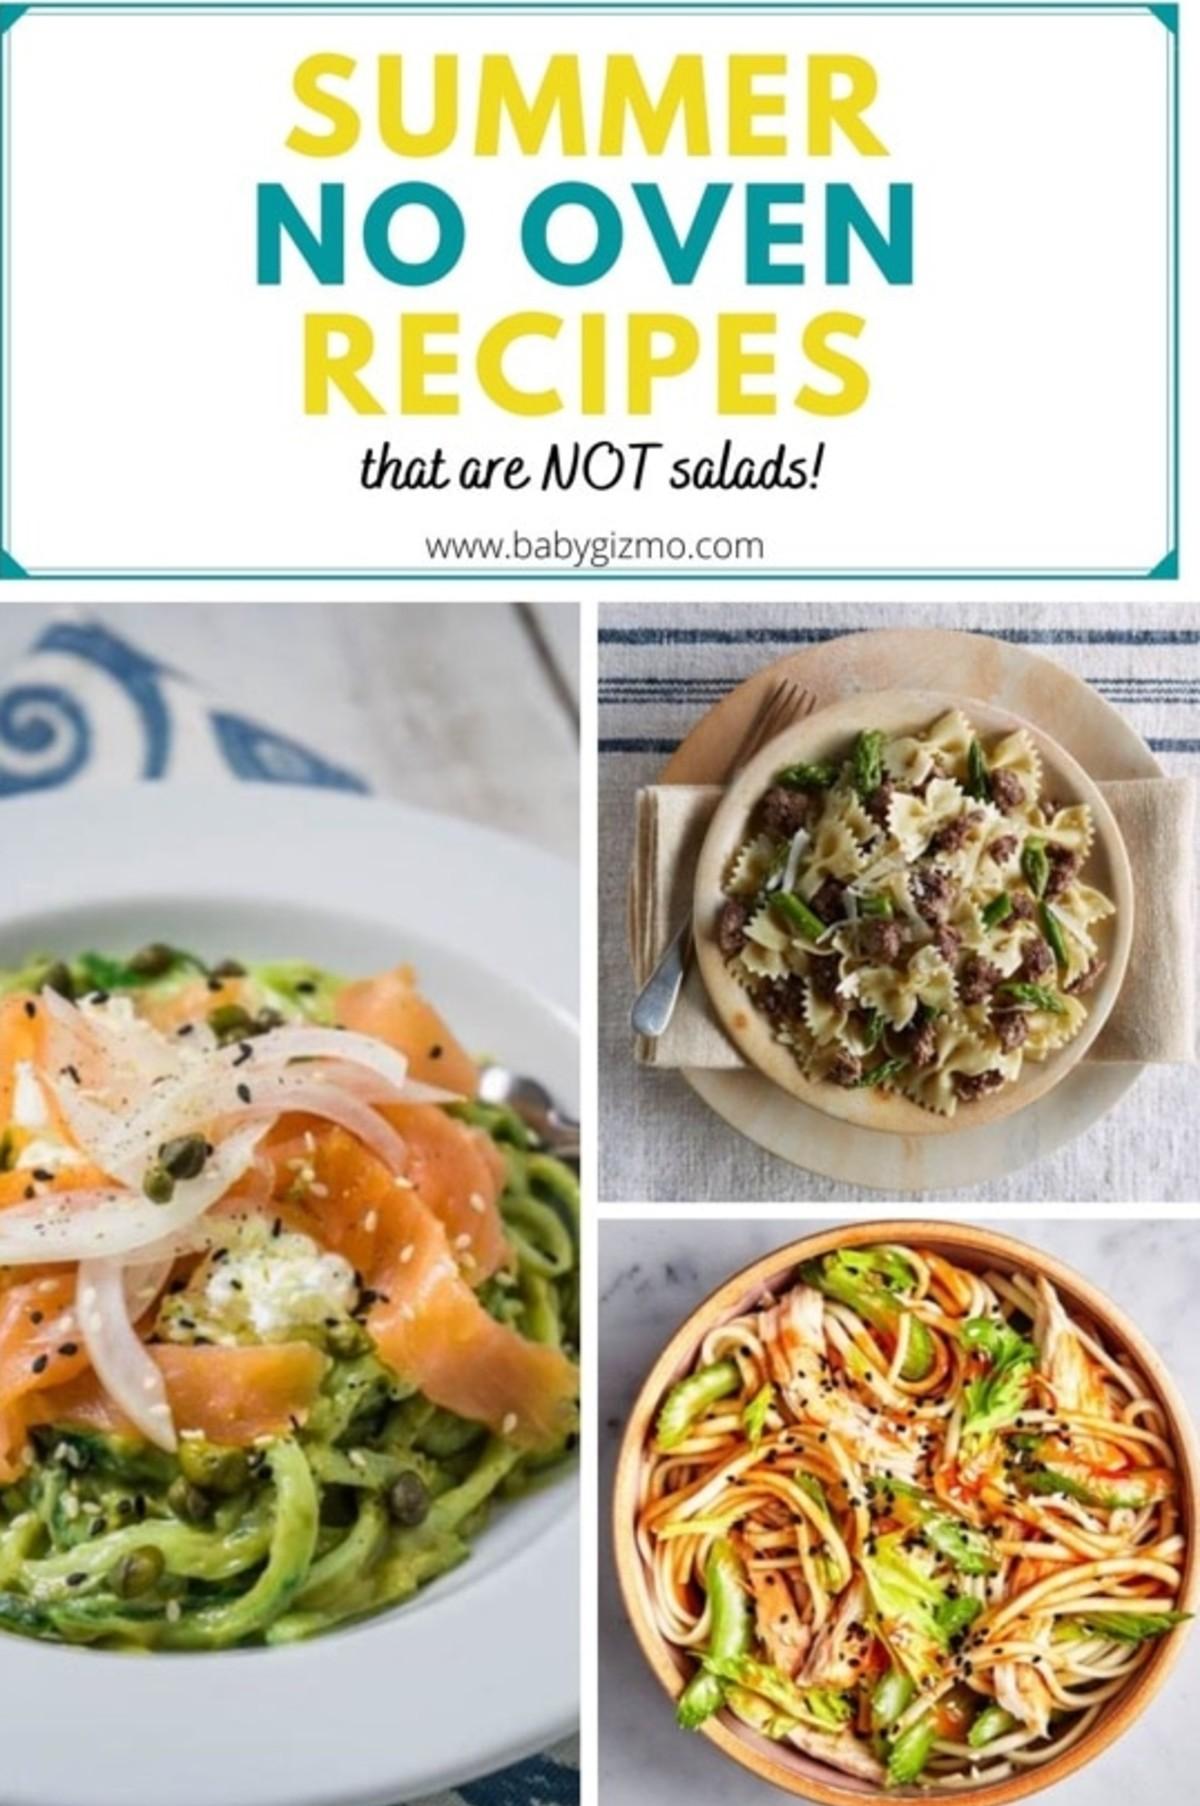 Summer No Oven Recipes